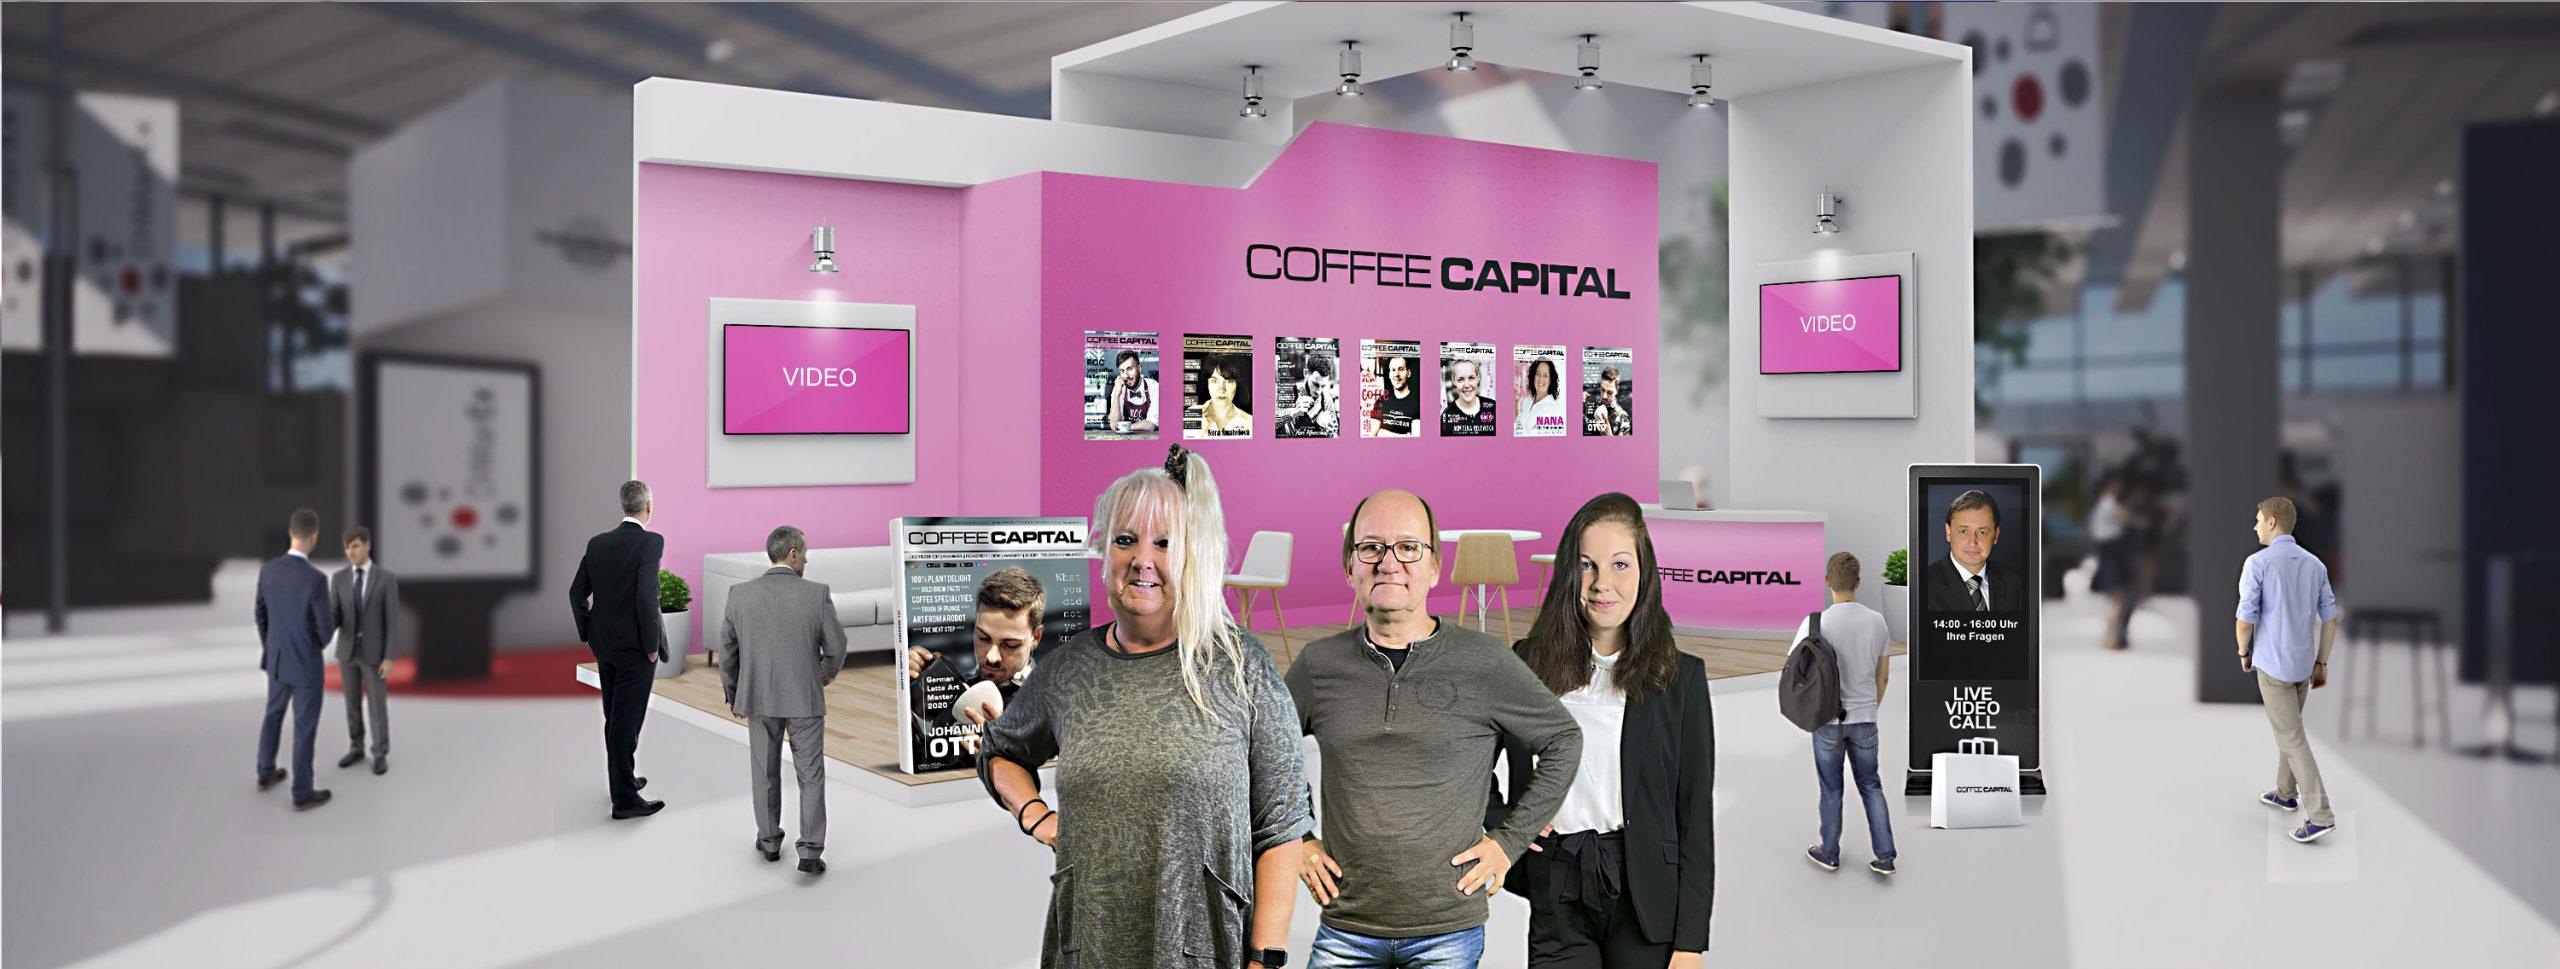 Coffee Capital endtra Vending Trade Festival Deutschland